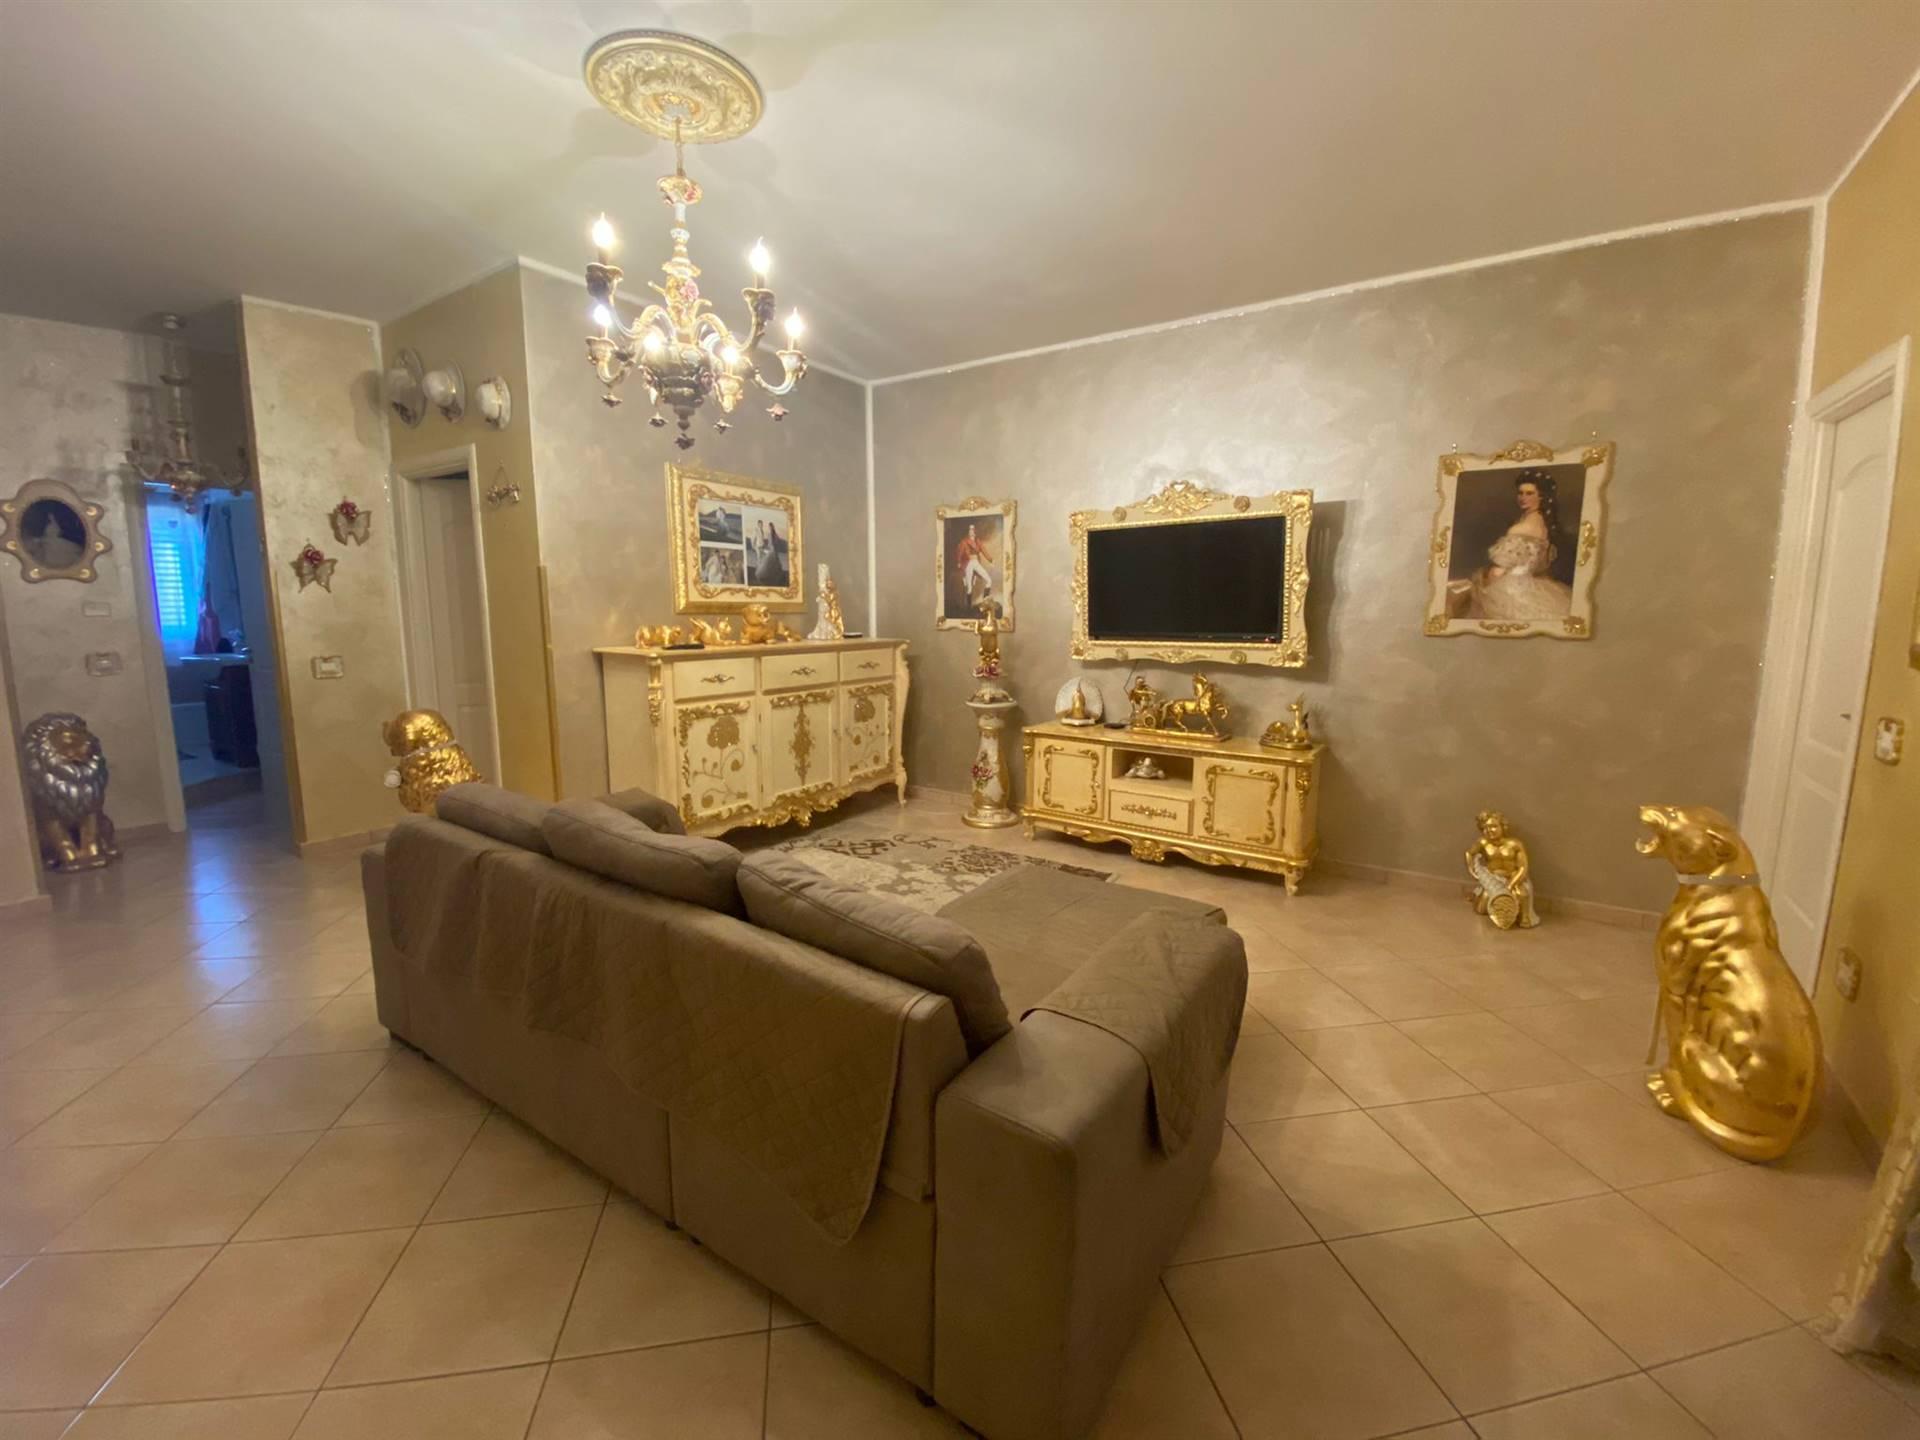 Appartamento in vendita a Balestrate, 4 locali, zona Località: BALESTRATE, prezzo € 135.000 | PortaleAgenzieImmobiliari.it